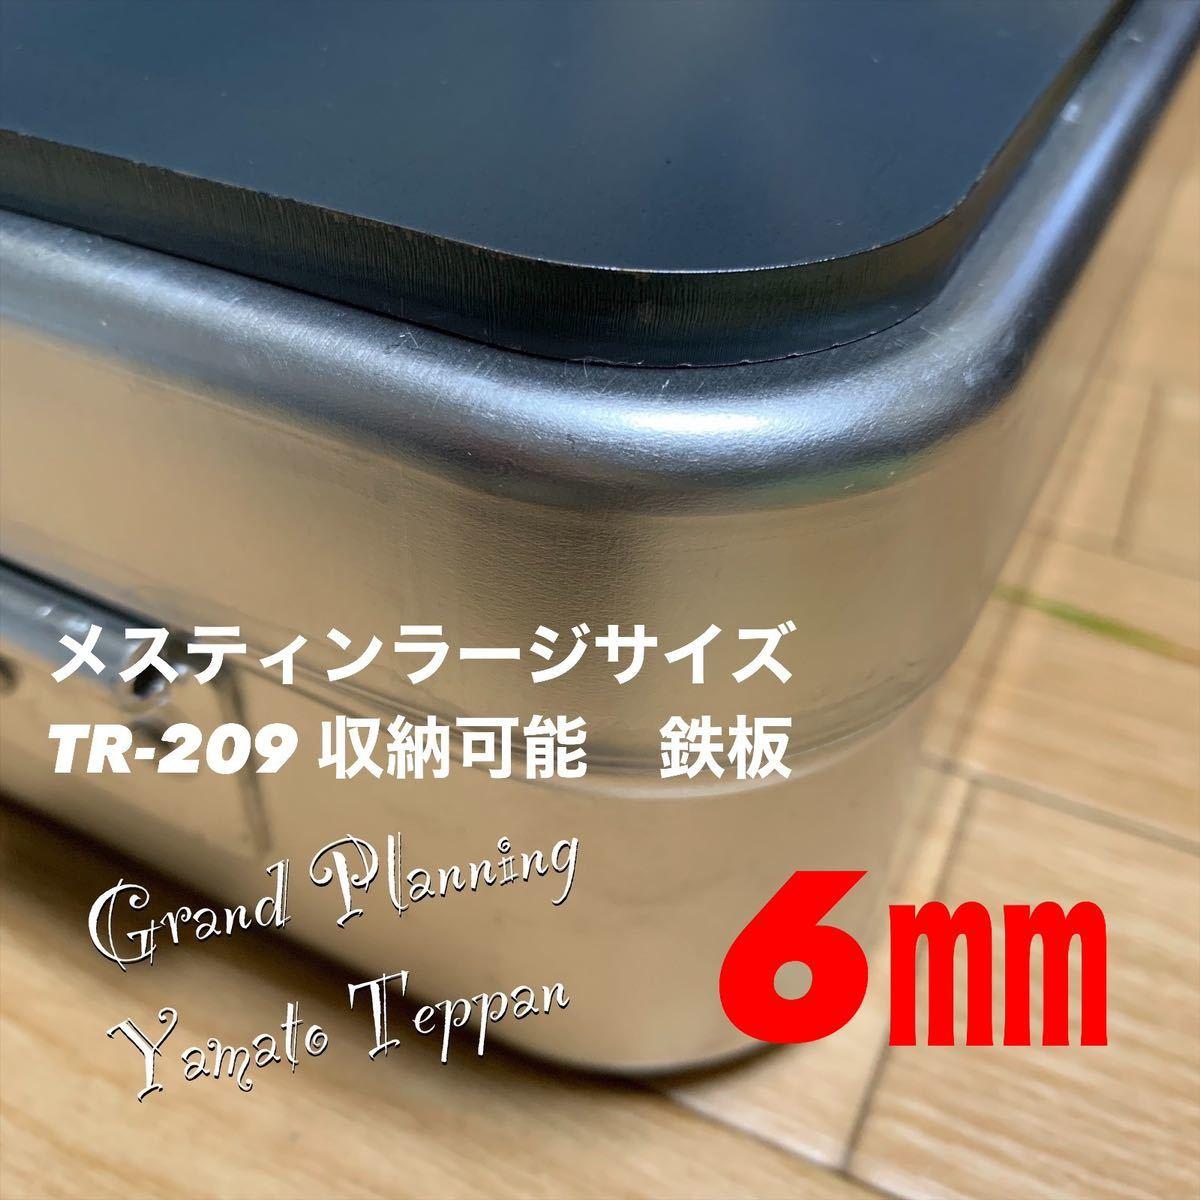 トランギア メスティン ラージ 収納サイズ 6ミリ 鉄板 鉄板のみ